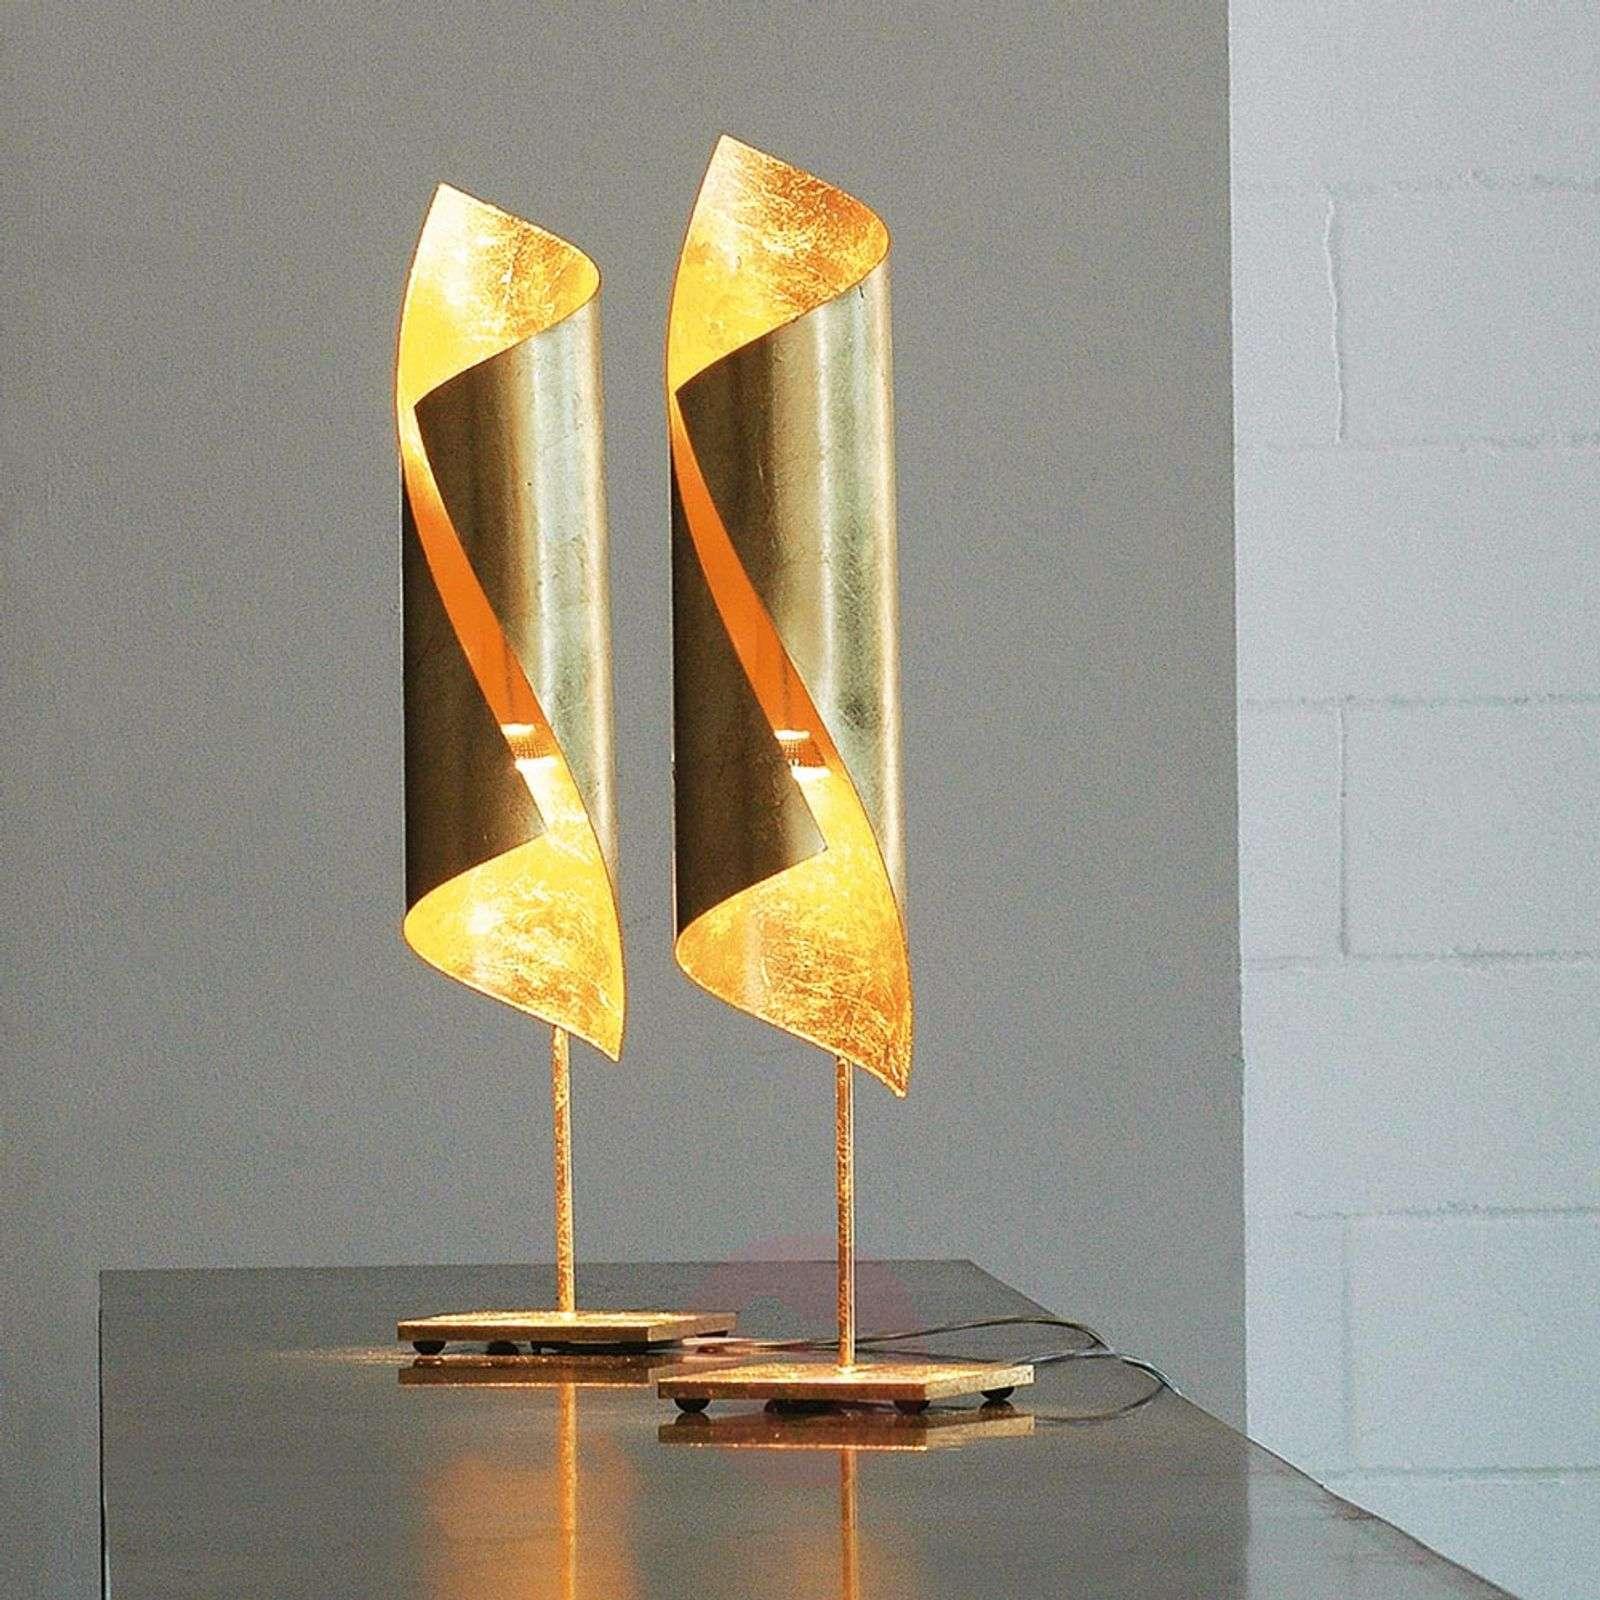 Gold leaf table lamp Hué, 70 cm tall-5538036-01